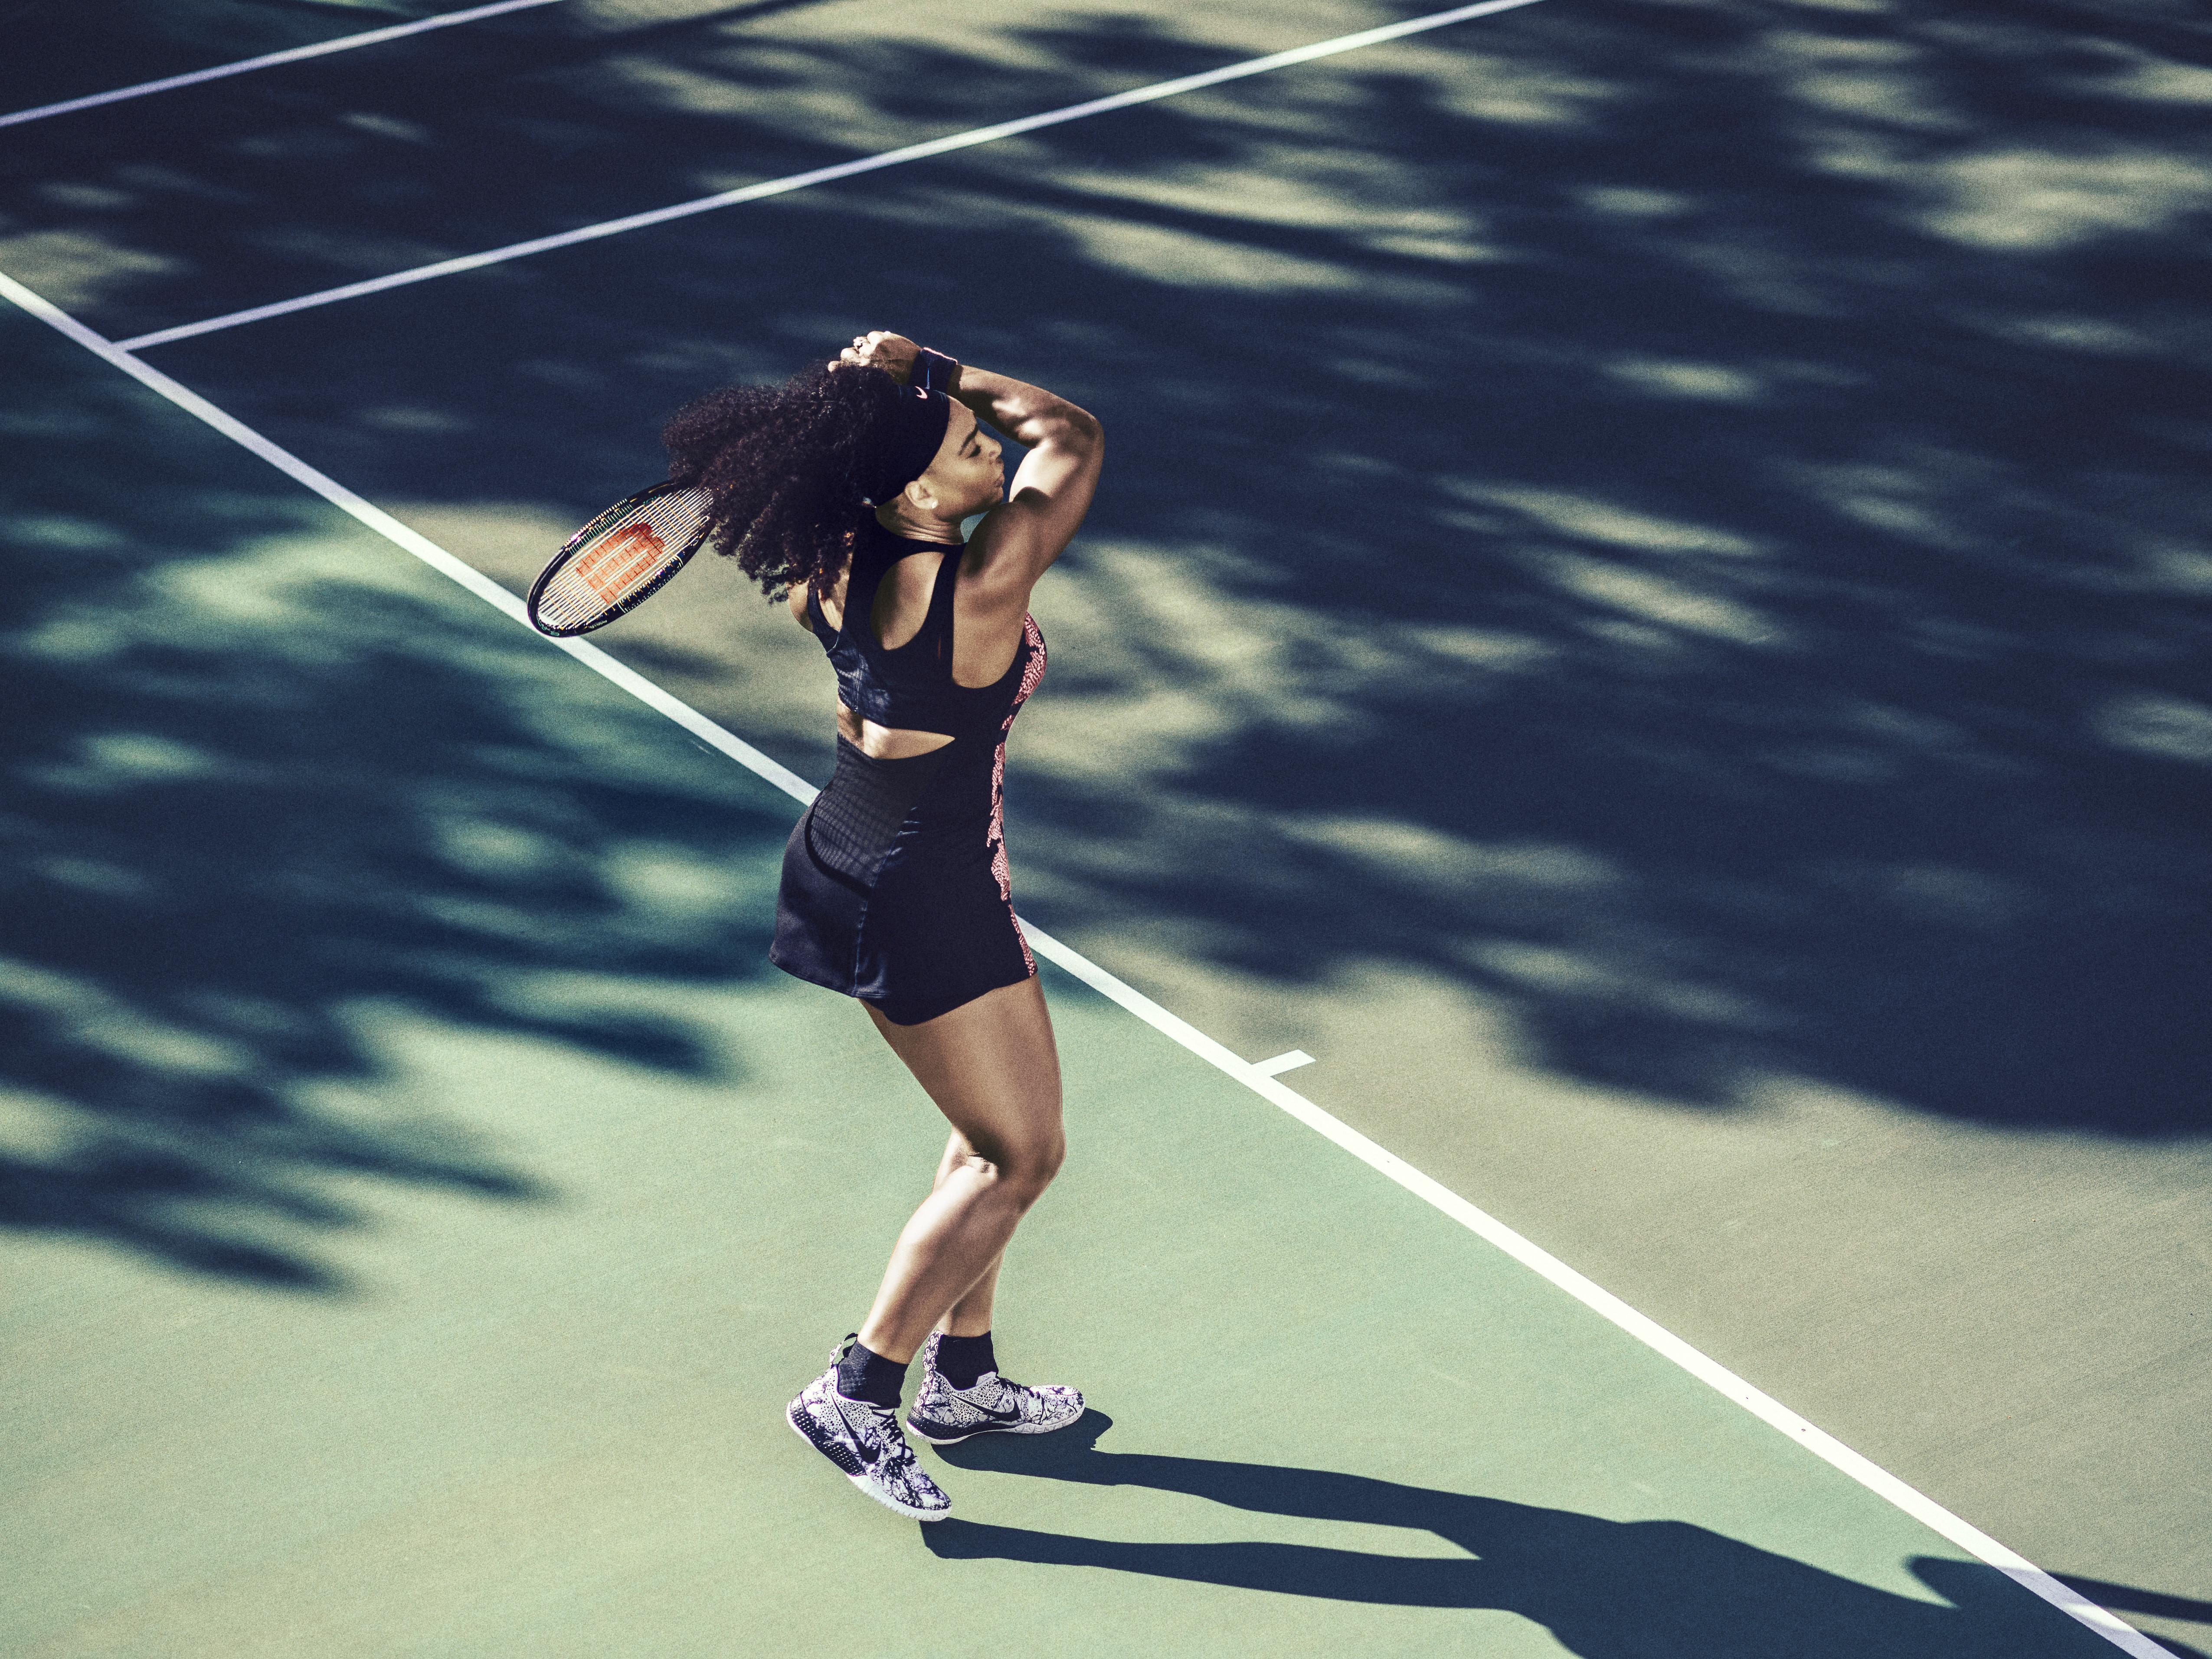 NikeCourt Celebrates Serena Williams